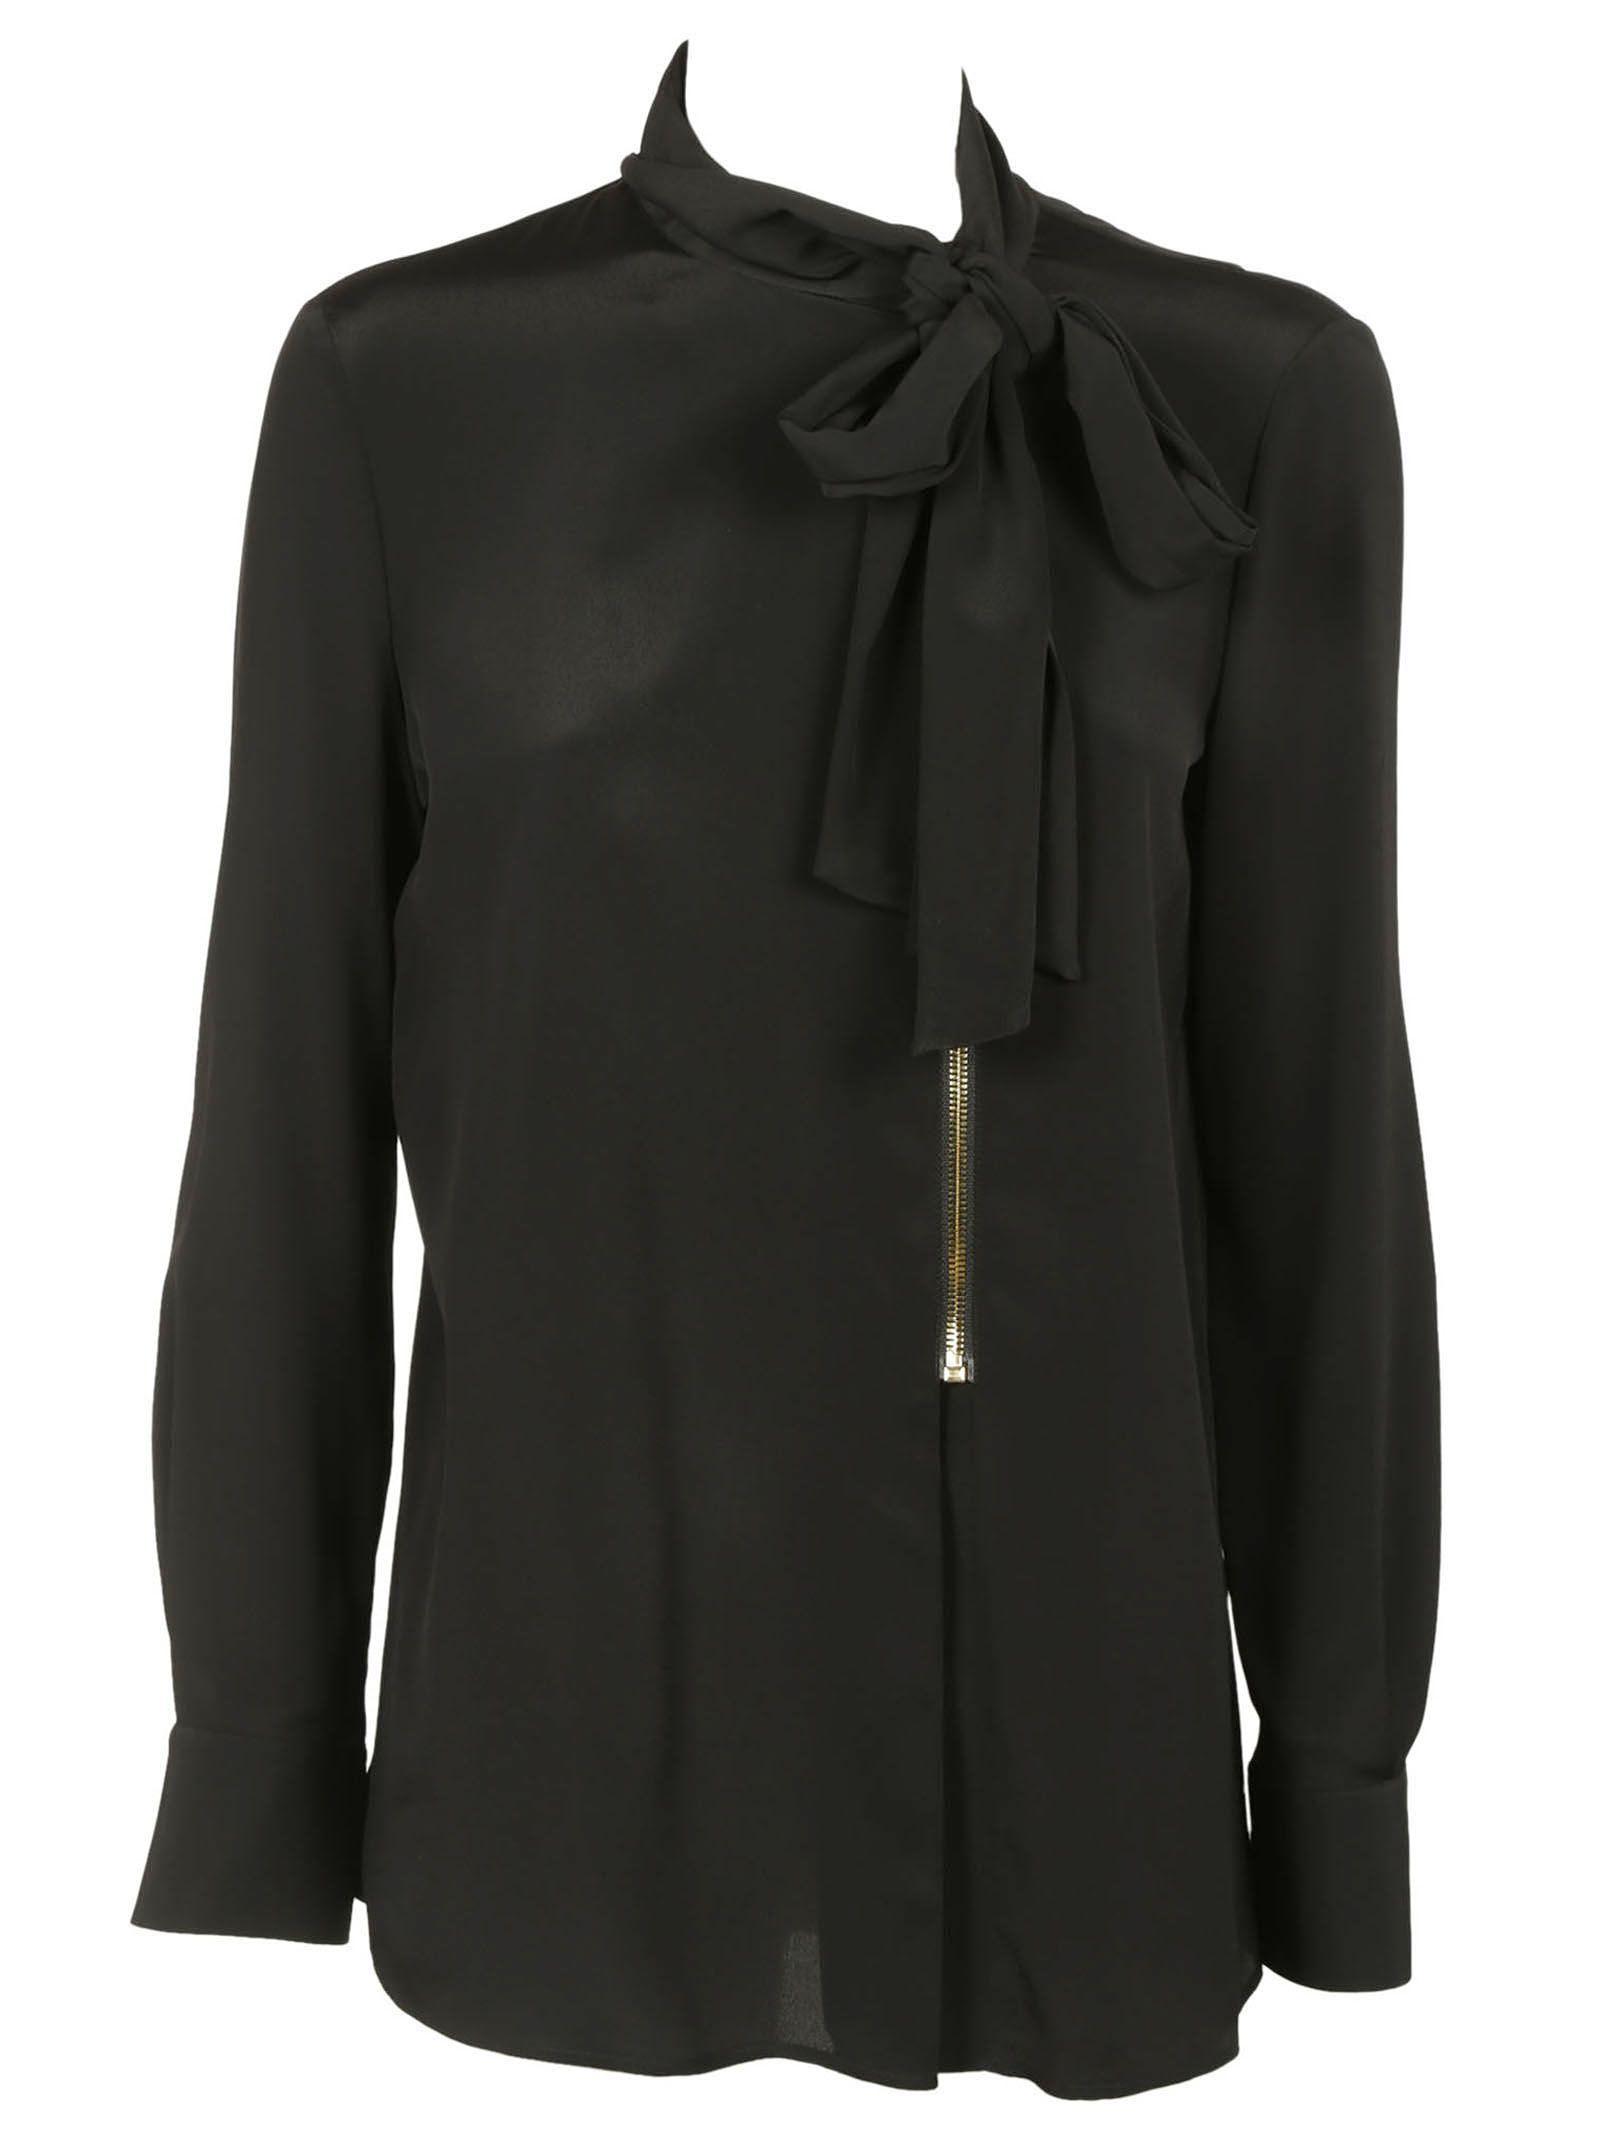 Boutique Moschino Zipped Shirt